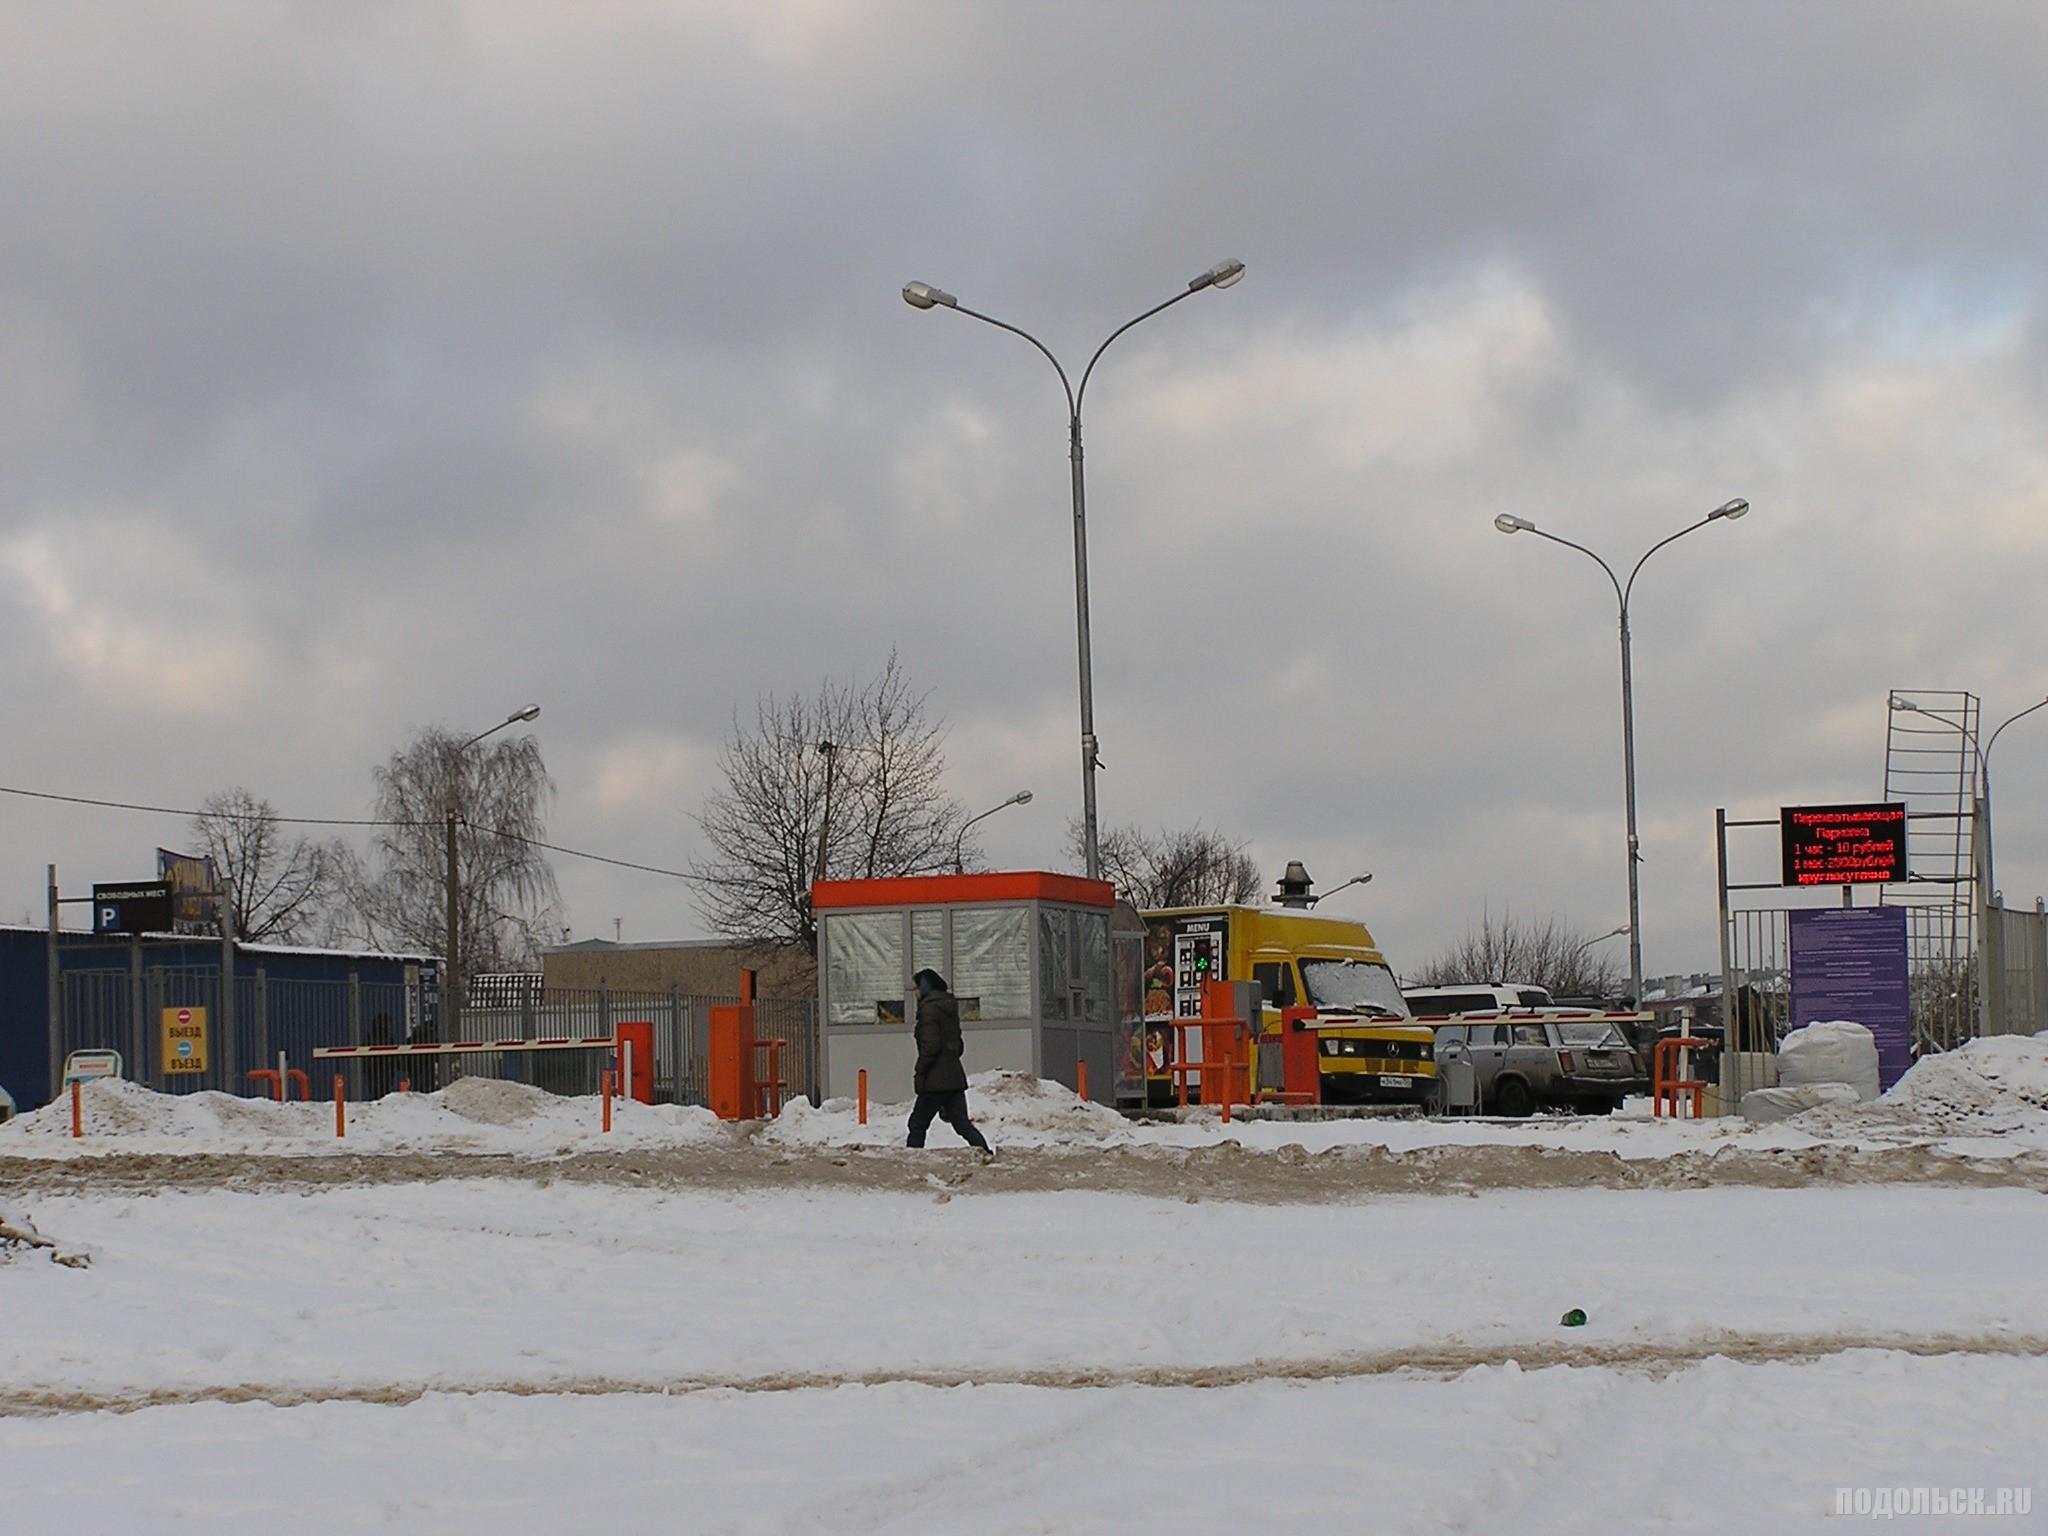 Перехватывающая парковка на Кутузовской. Декабрь 2016 г.